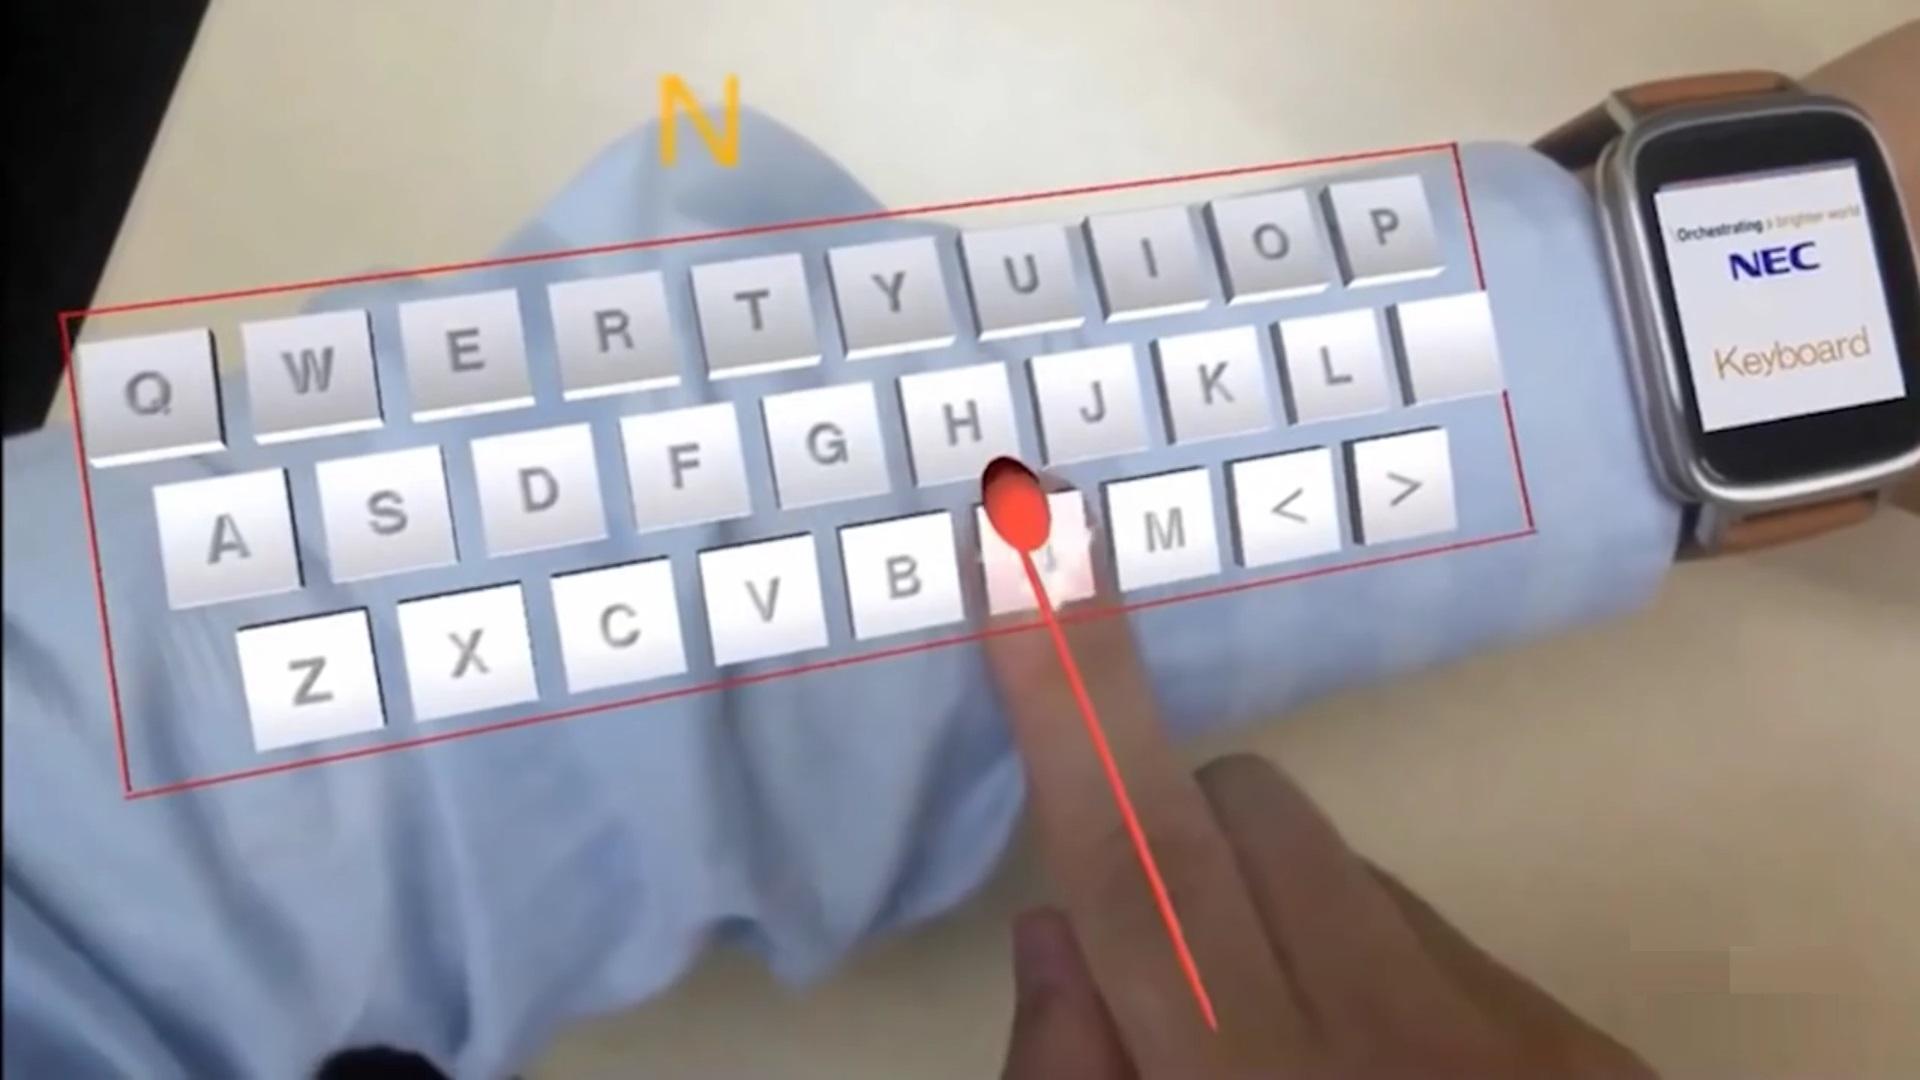 Tecnologia japonesa transforma seu braço em um teclado de realidade aumentada